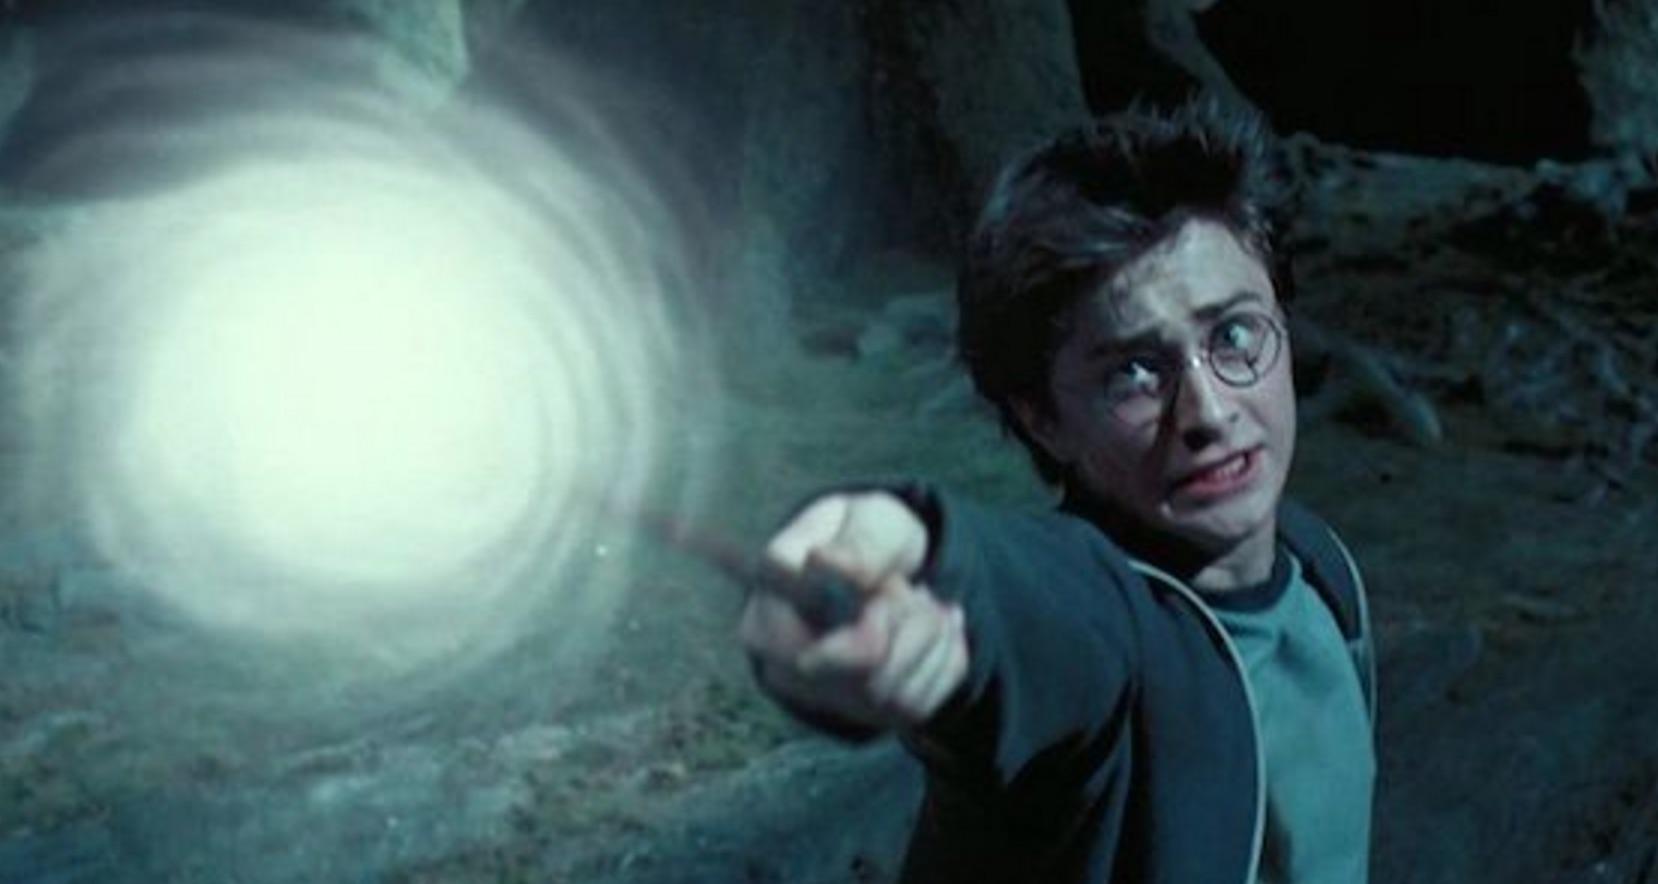 Jk Rowling Helps Fan In Need Get Tattoo Of Harry Potter Charm